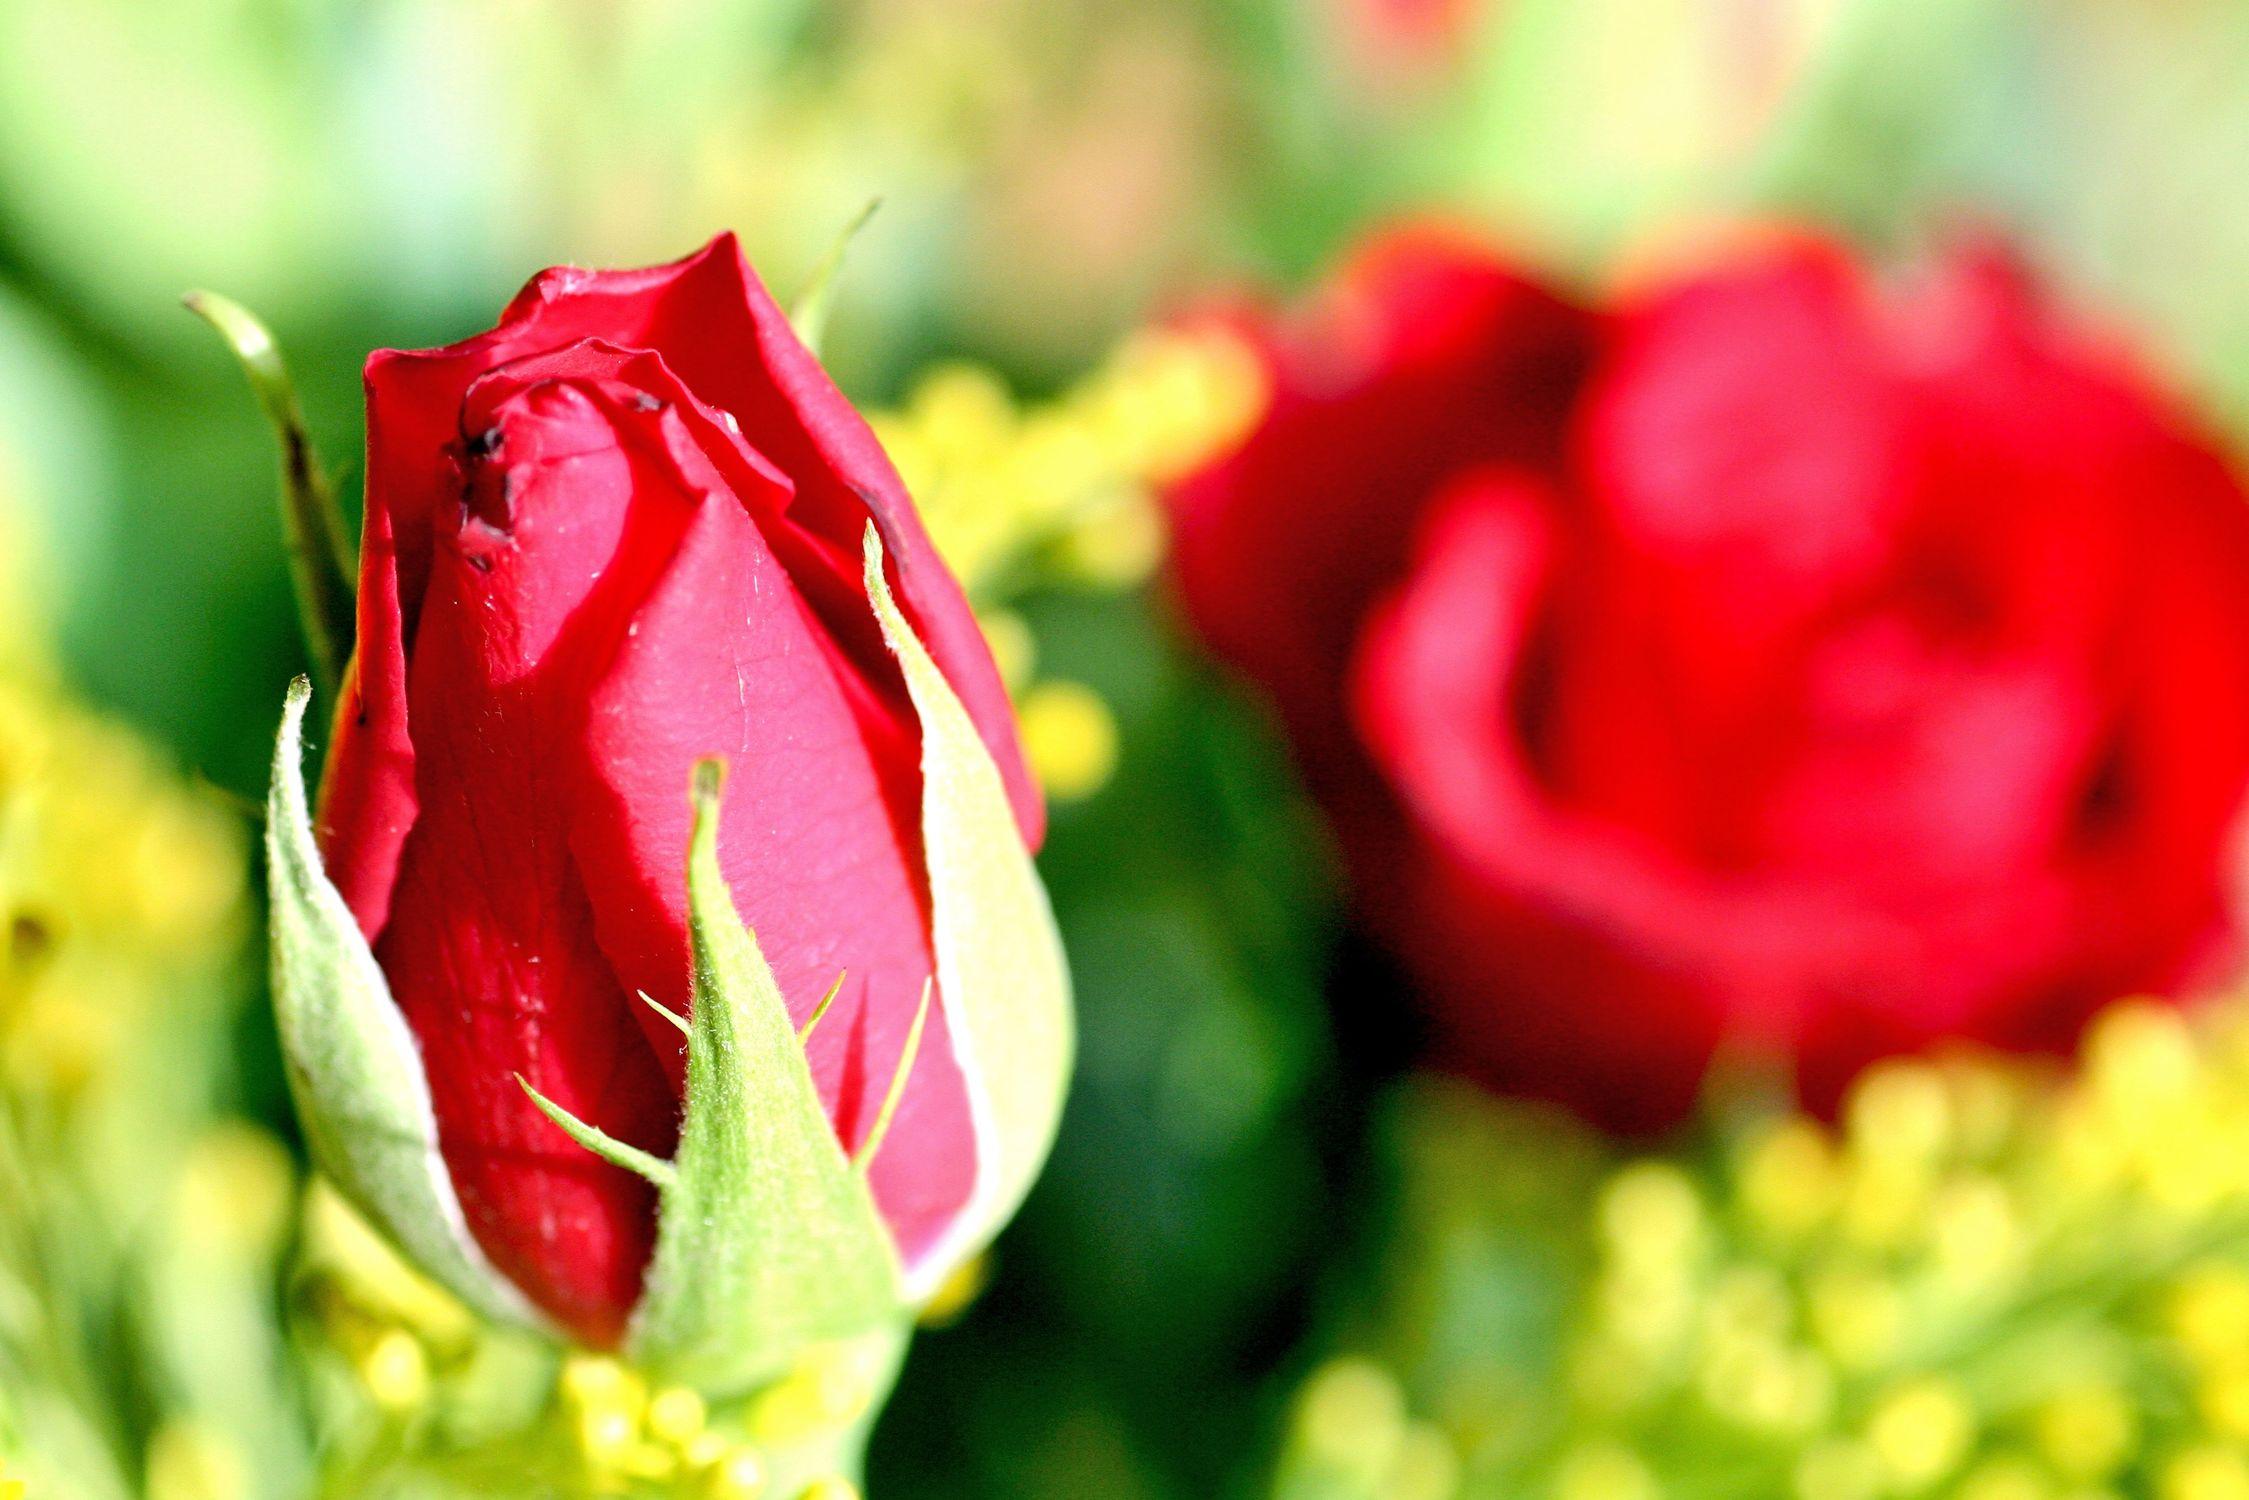 Bild mit Farben, Gelb, Natur, Grün, Pflanzen, Jahreszeiten, Blumen, Blumen, Rosa, Frühling, Rot, Rot, Rosen, Blau, Blume, Pflanze, Rose, Roses, rote Rose, Gegenlicht, Flower, Flowers, red Rose, osaceae, Blumenstrauß, Rosenstrauß